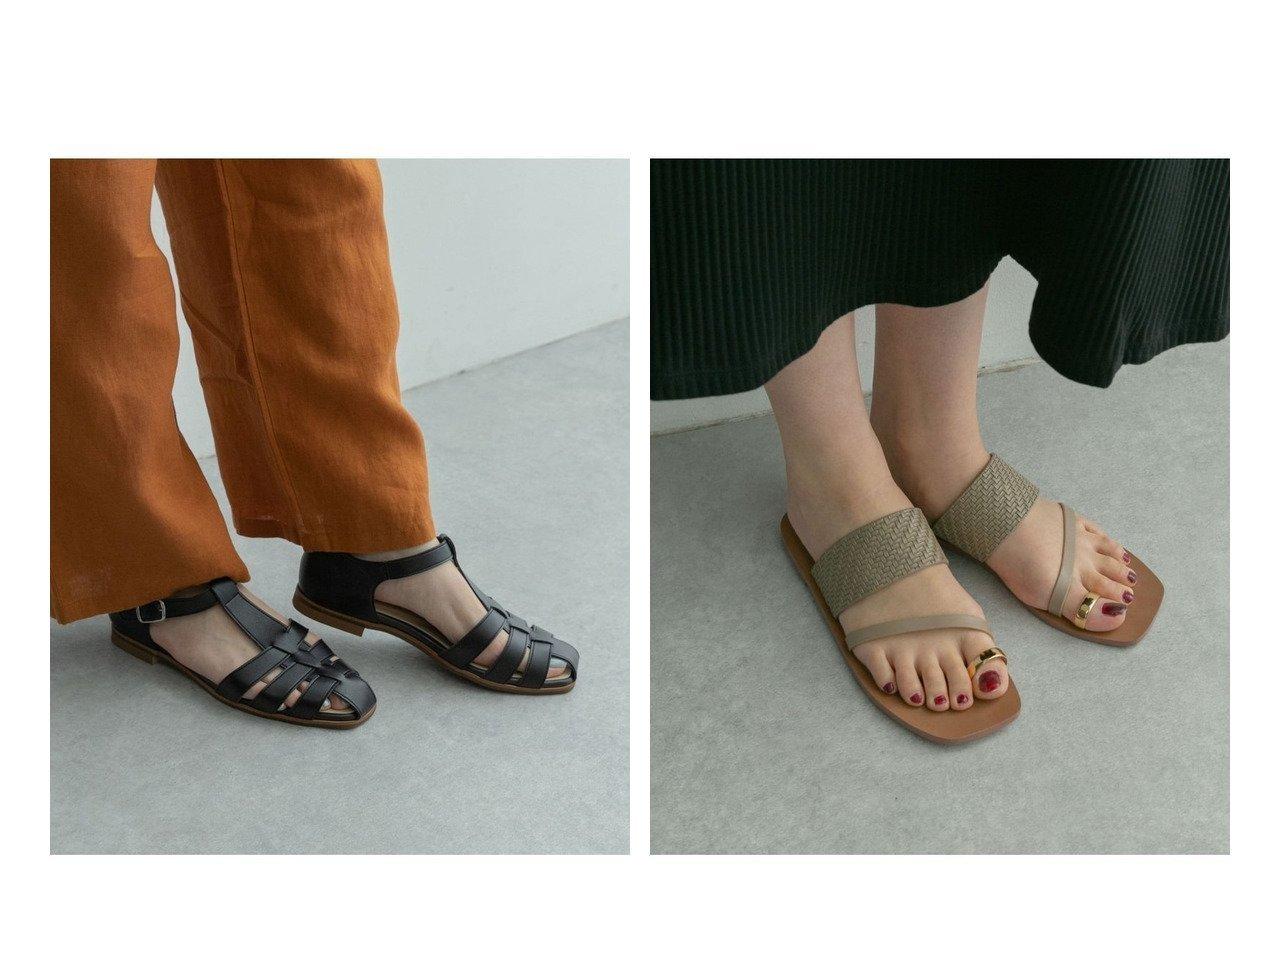 【RODE SKO / URBAN RESEARCH/ロデスコ】のHELJA メッシュコンビサンダル&ERNESTA グルカサンダル 【シューズ・靴】おすすめ!人気トレンド・レディースファッション通販 おすすめで人気の流行・トレンド、ファッションの通販商品 インテリア・家具・メンズファッション・キッズファッション・レディースファッション・服の通販 founy(ファニー) https://founy.com/ ファッション Fashion レディースファッション WOMEN おすすめ Recommend サンダル シューズ シンプル ミュール メッシュ ラップ ソックス 日本製 Made in Japan 楽ちん |ID:crp329100000046498